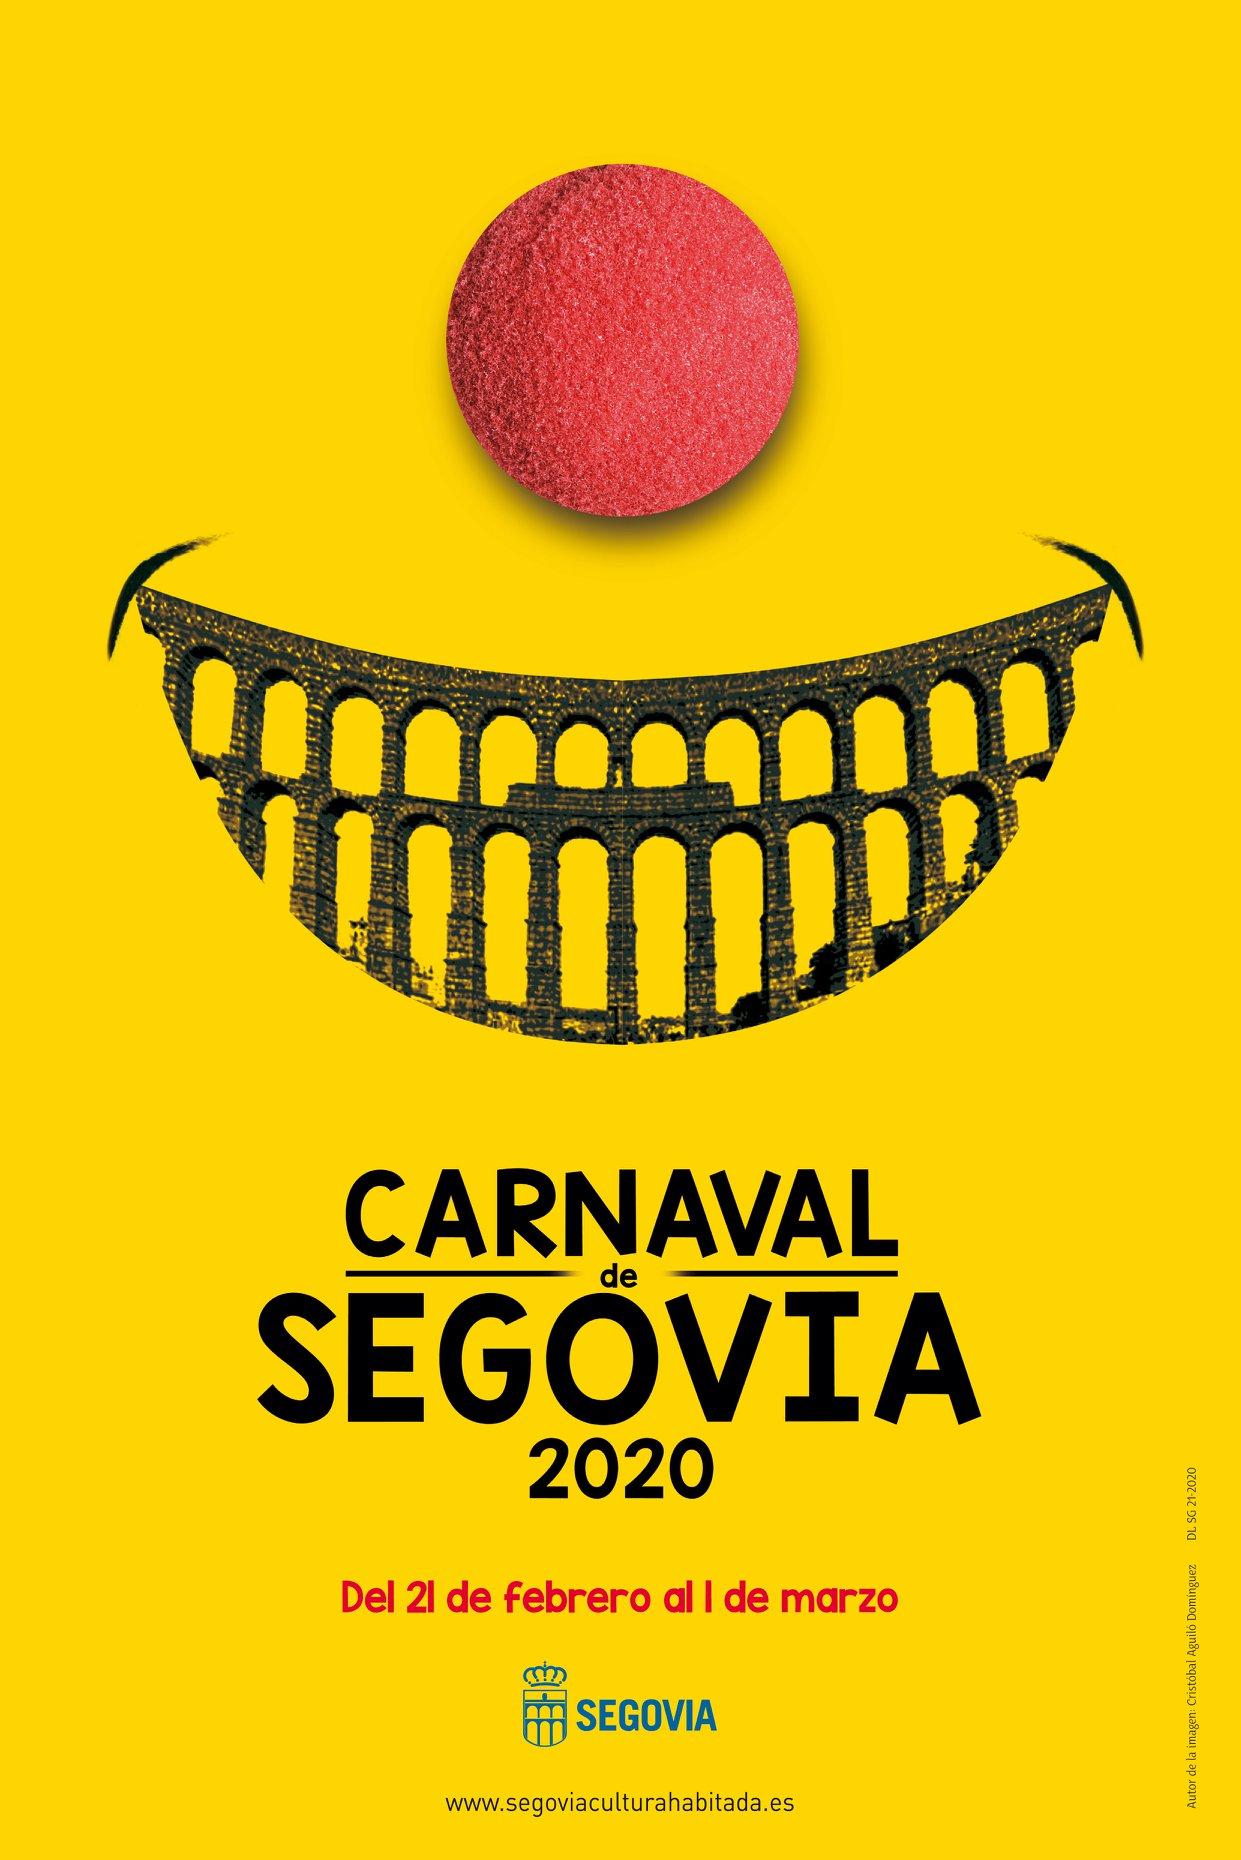 Carnaval de Segovia 2020